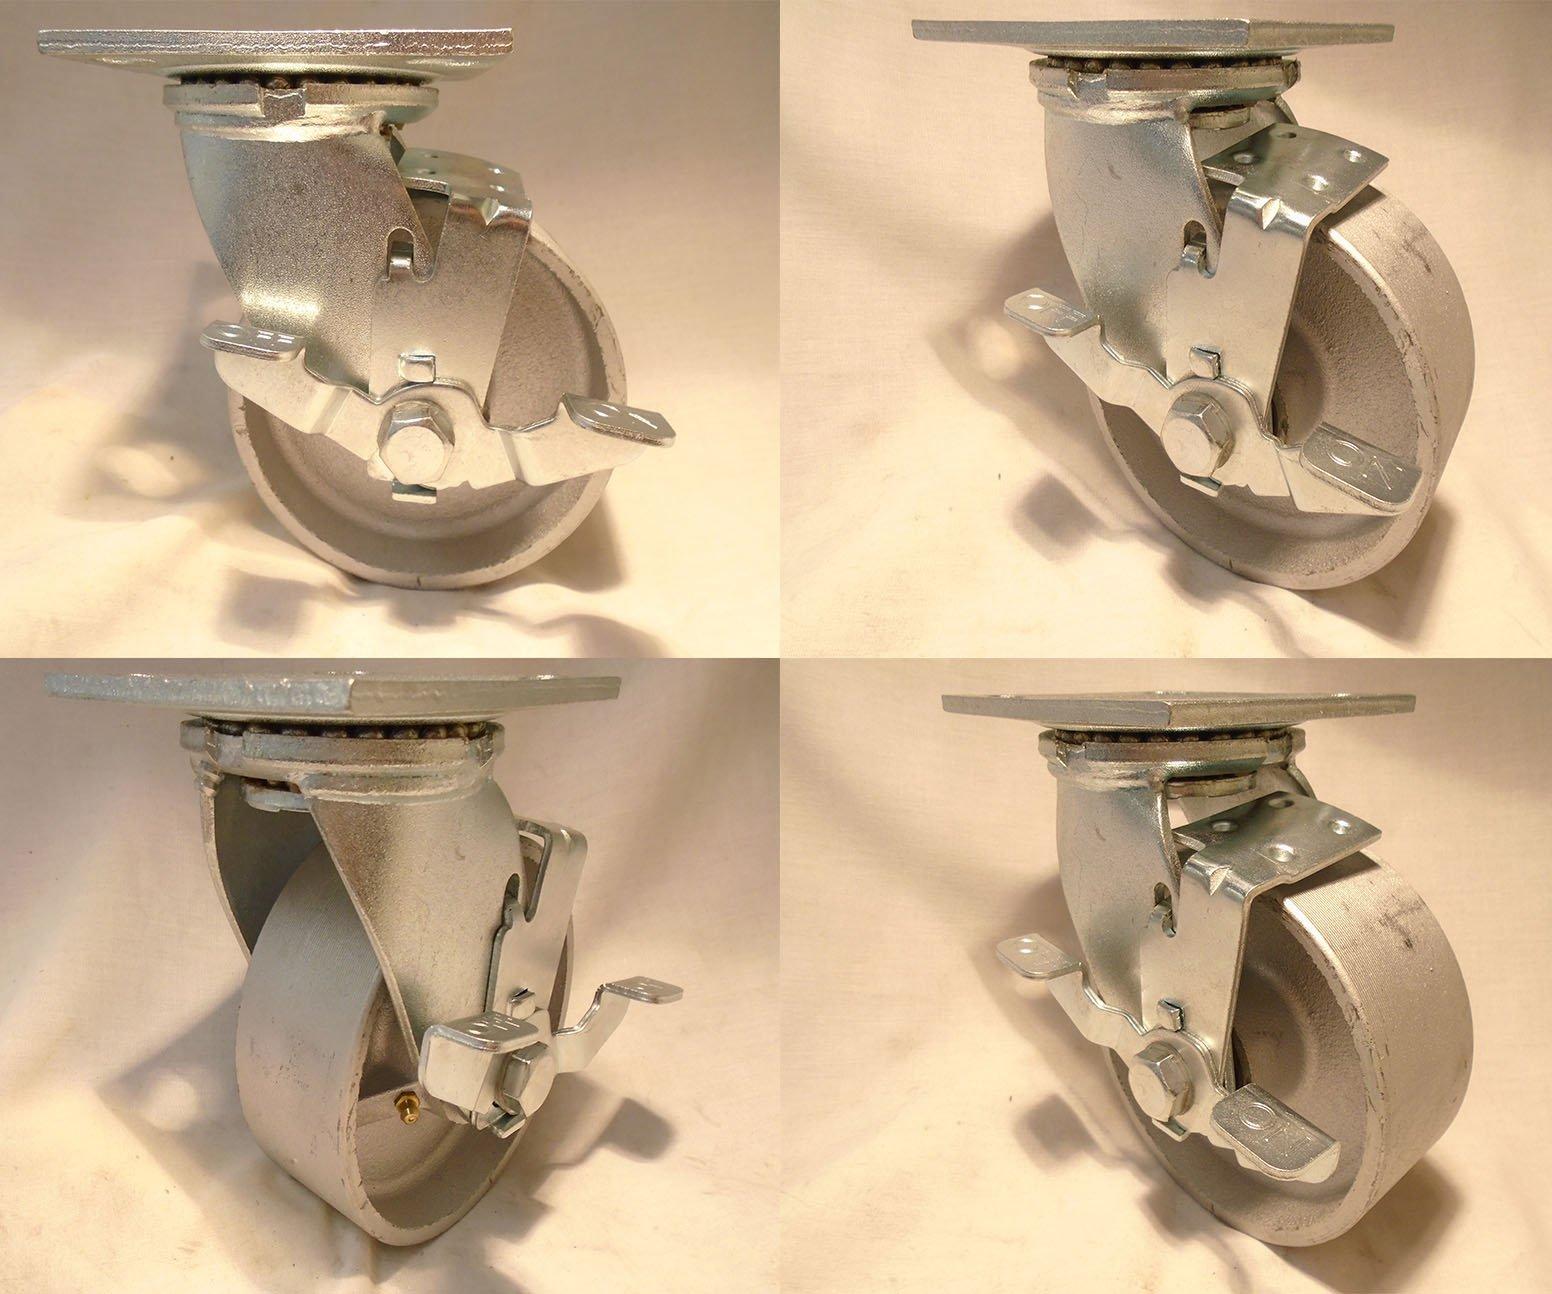 5'' X 2'' Swivel Casters Heavy Duty Semi-steel Iron Wheel with Brake (4) 1000 Lbs Each Tool Box